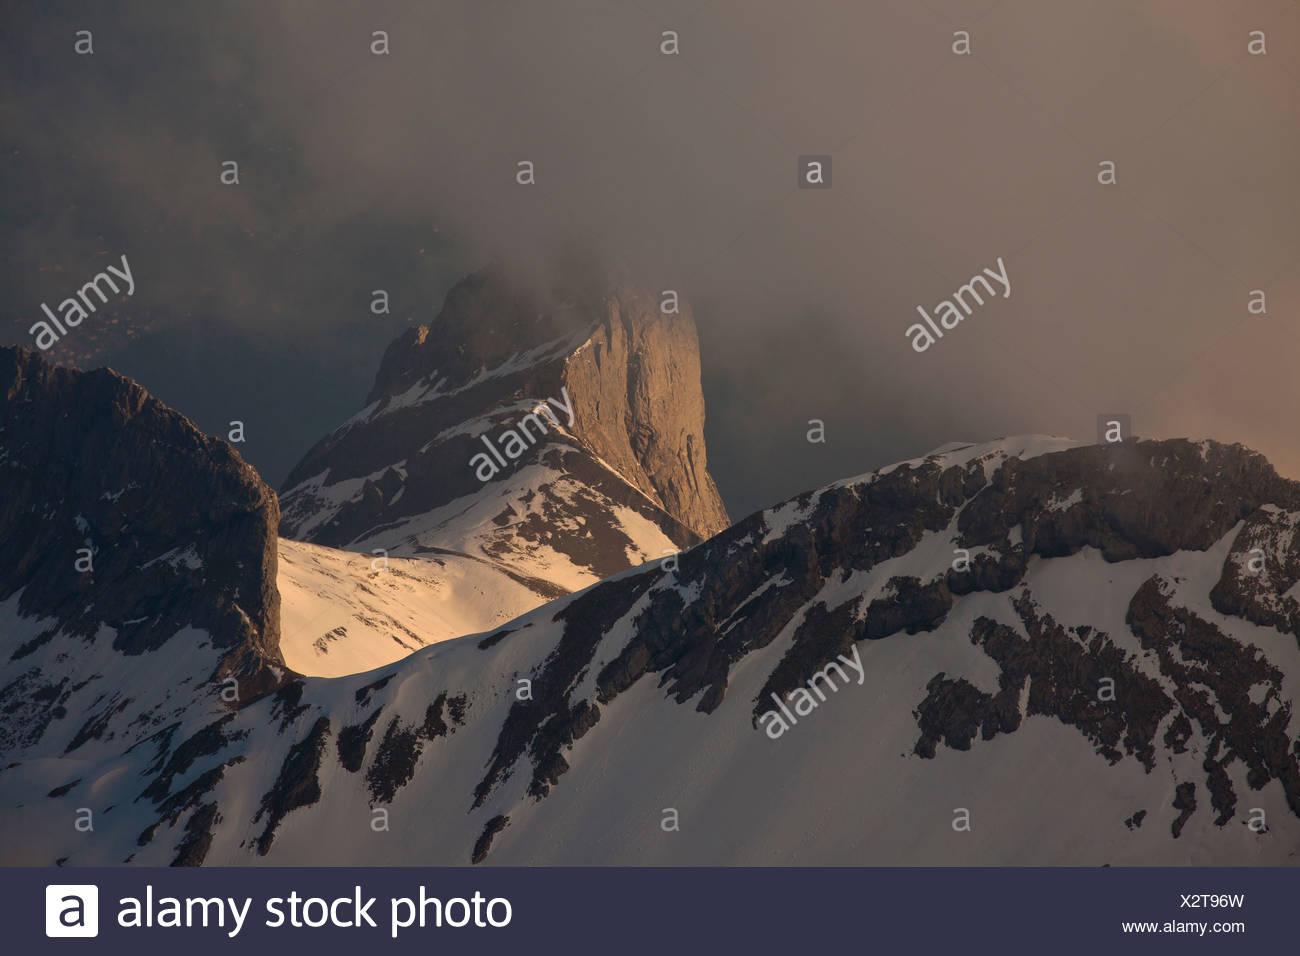 Abend in den Bergen Alpsteingebirge, Blick vom Mt. Säntis mit Mt. Altmann, Appenzellerland, Alpen, Schweiz, Europa Stockbild